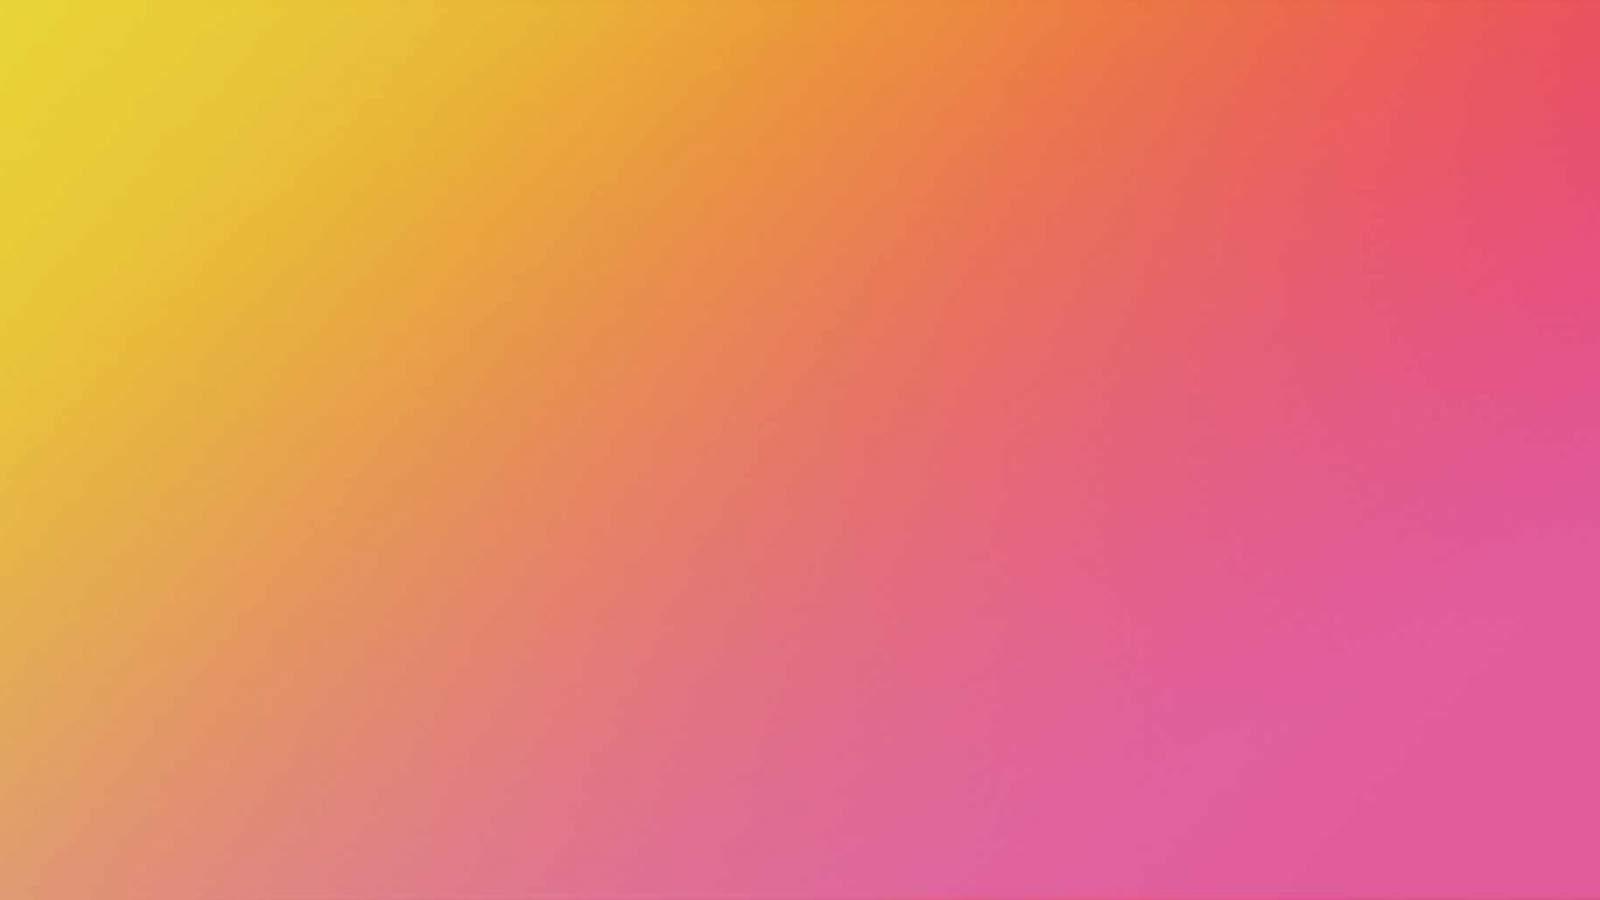 pink and orange wallpaper wallpapersafari